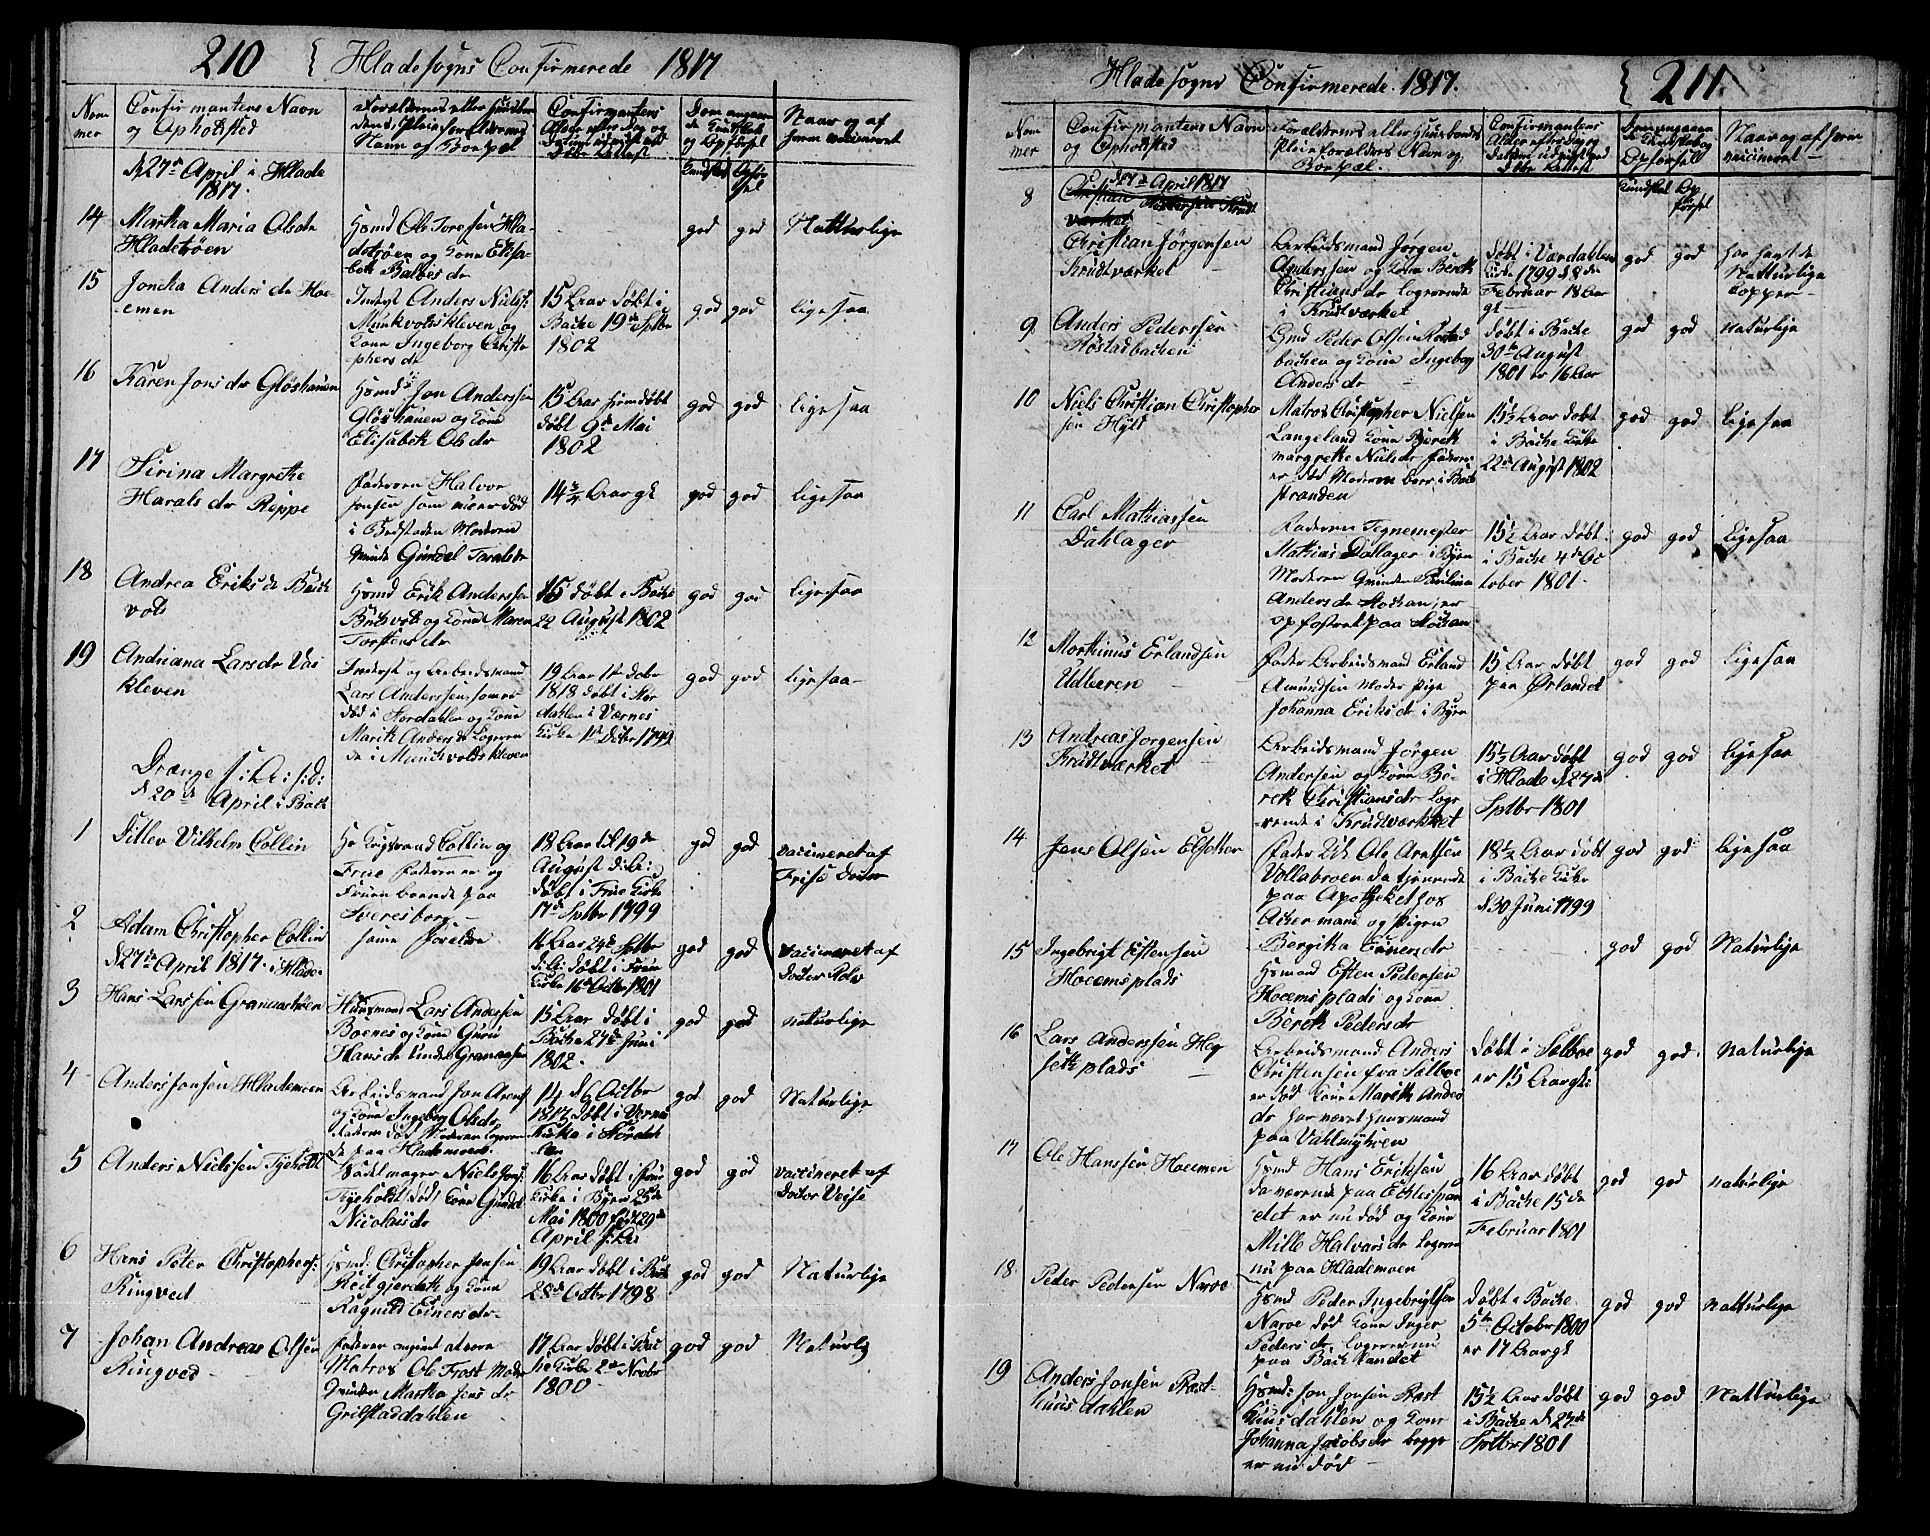 SAT, Ministerialprotokoller, klokkerbøker og fødselsregistre - Sør-Trøndelag, 606/L0306: Klokkerbok nr. 606C02, 1797-1829, s. 210-211